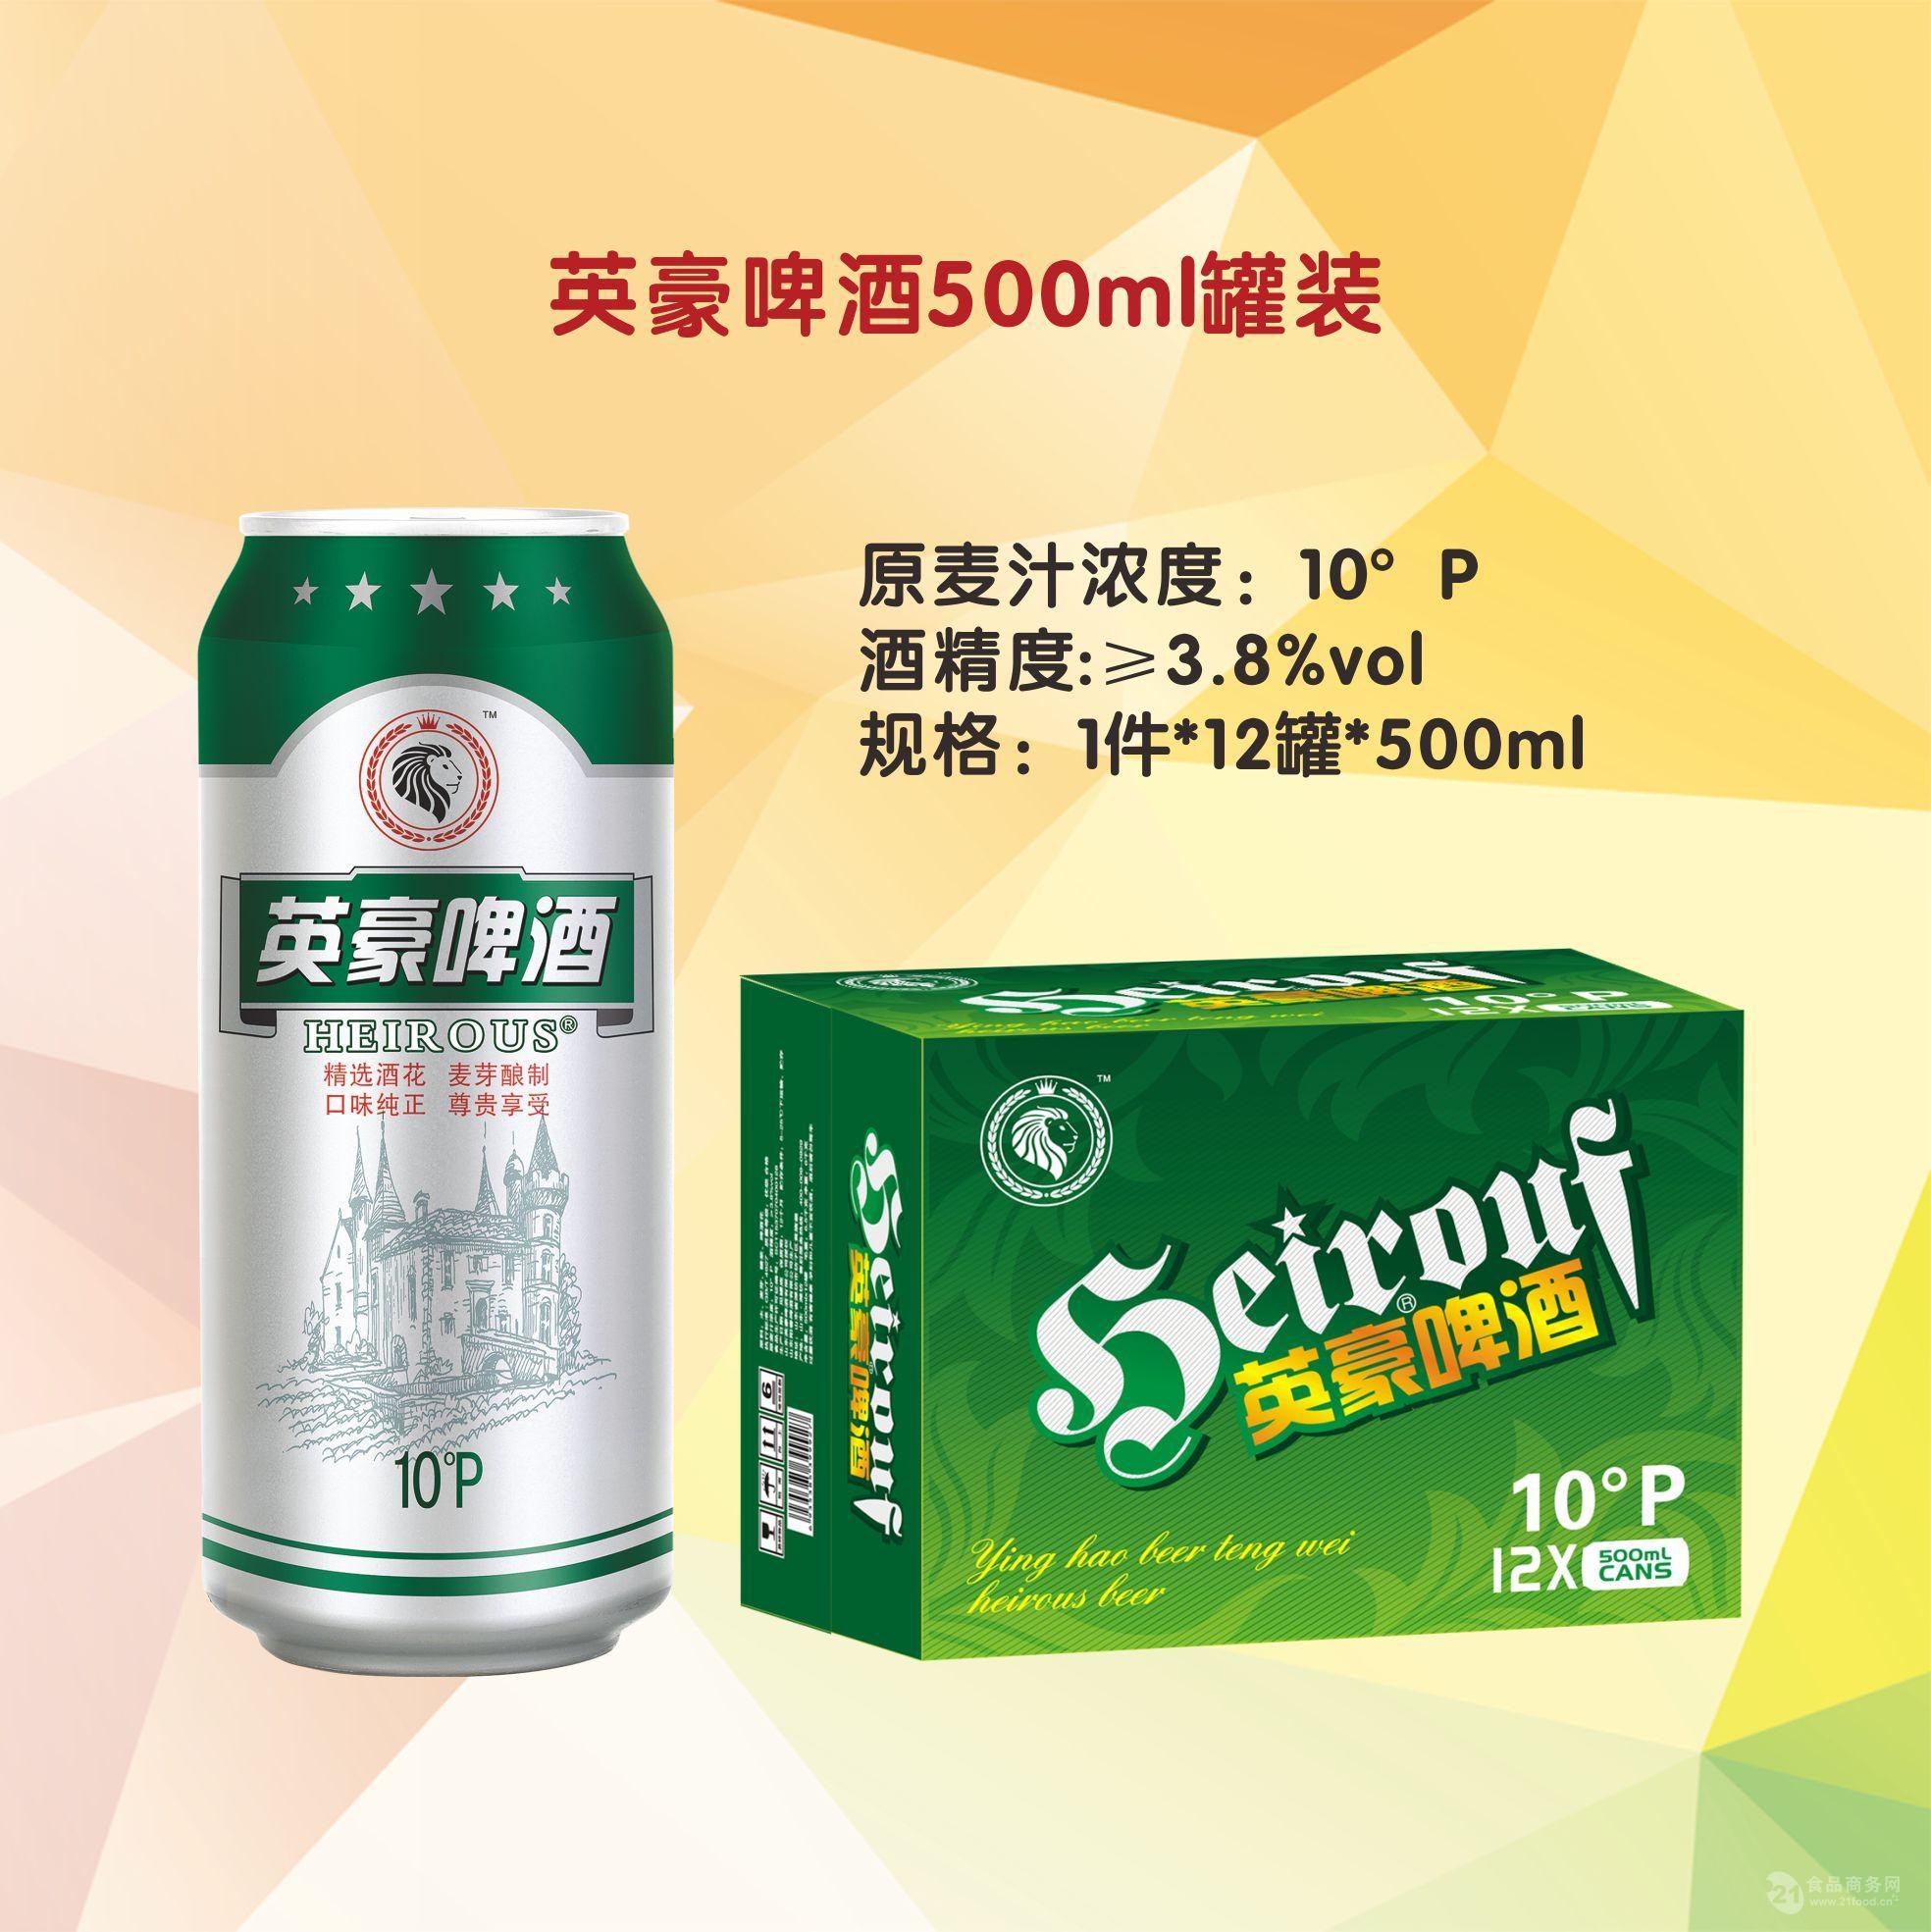 500ml罐装啤酒厂家直供  全国代理加盟